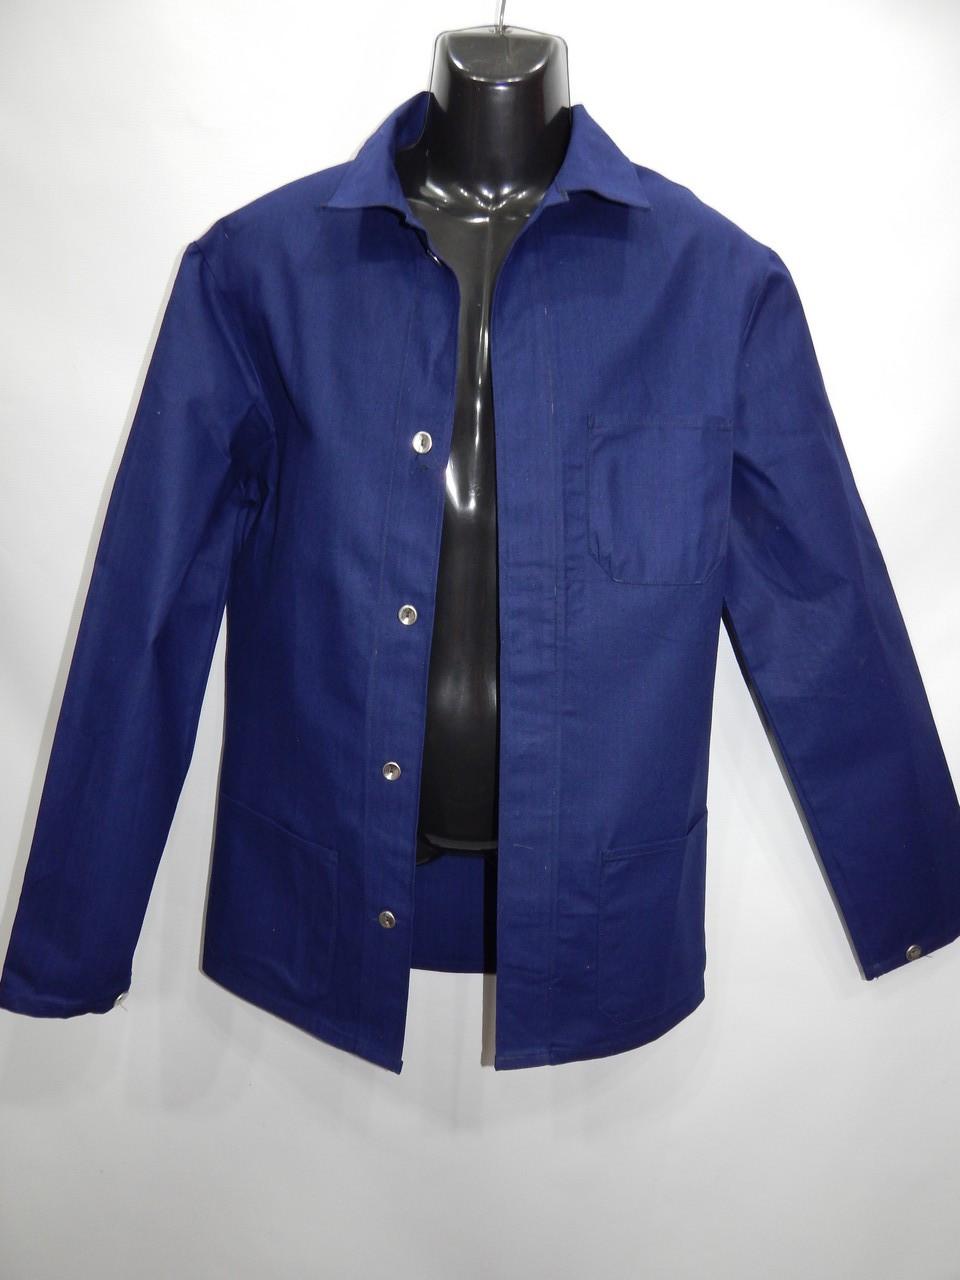 Куртка чоловіча робоча демісезонна KPT р. 50 023МРК